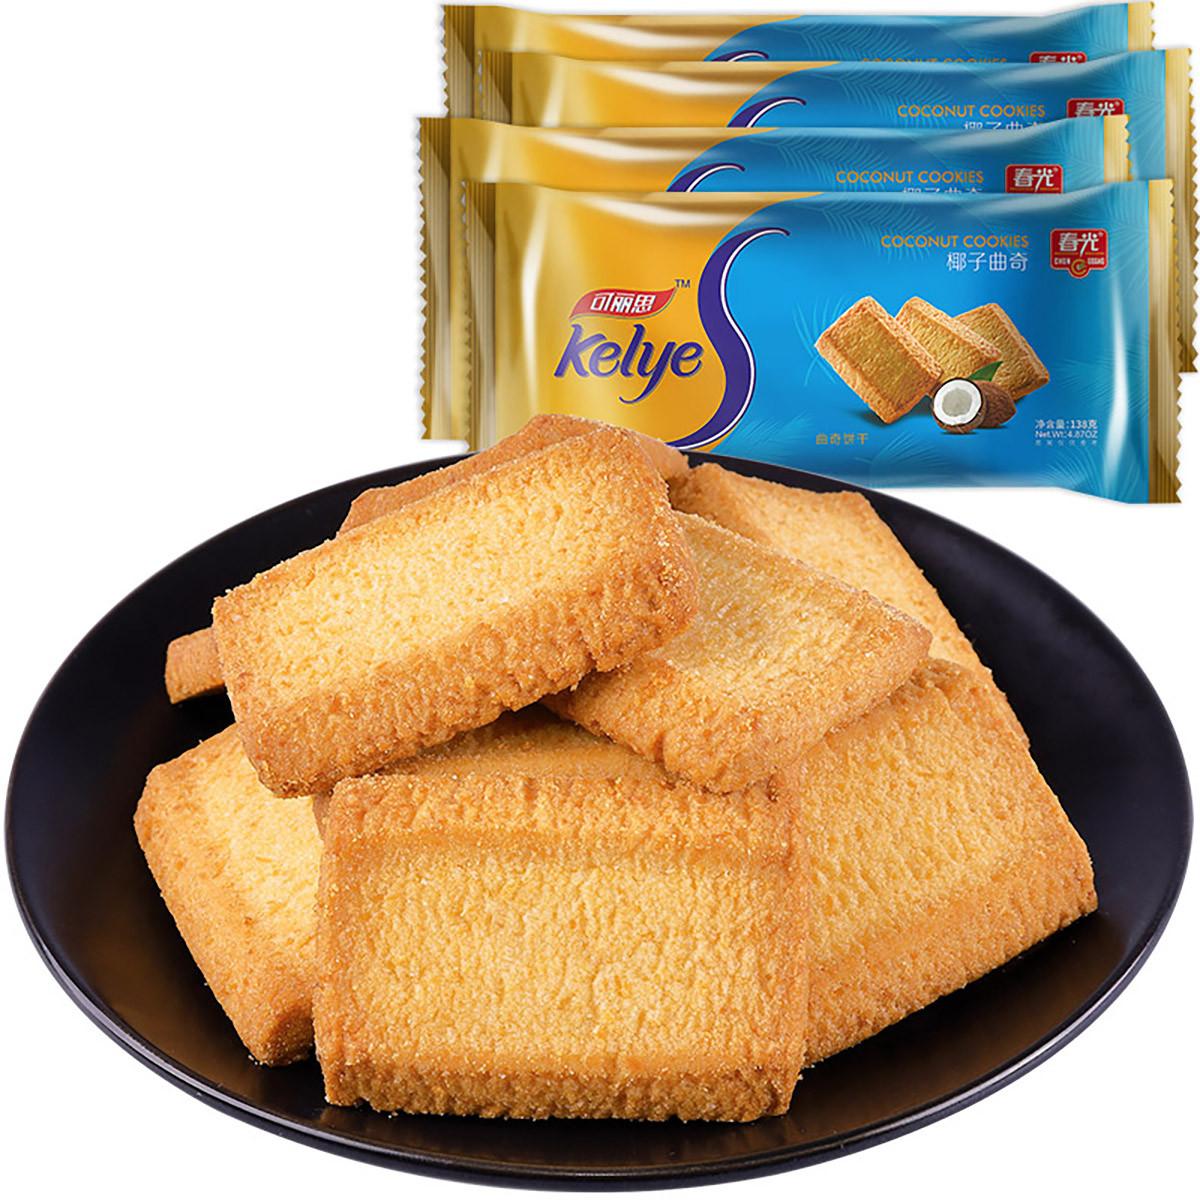 春光海南特产休闲零食早餐代餐下午茶饼干椰子曲奇138g*4袋COLOR银色